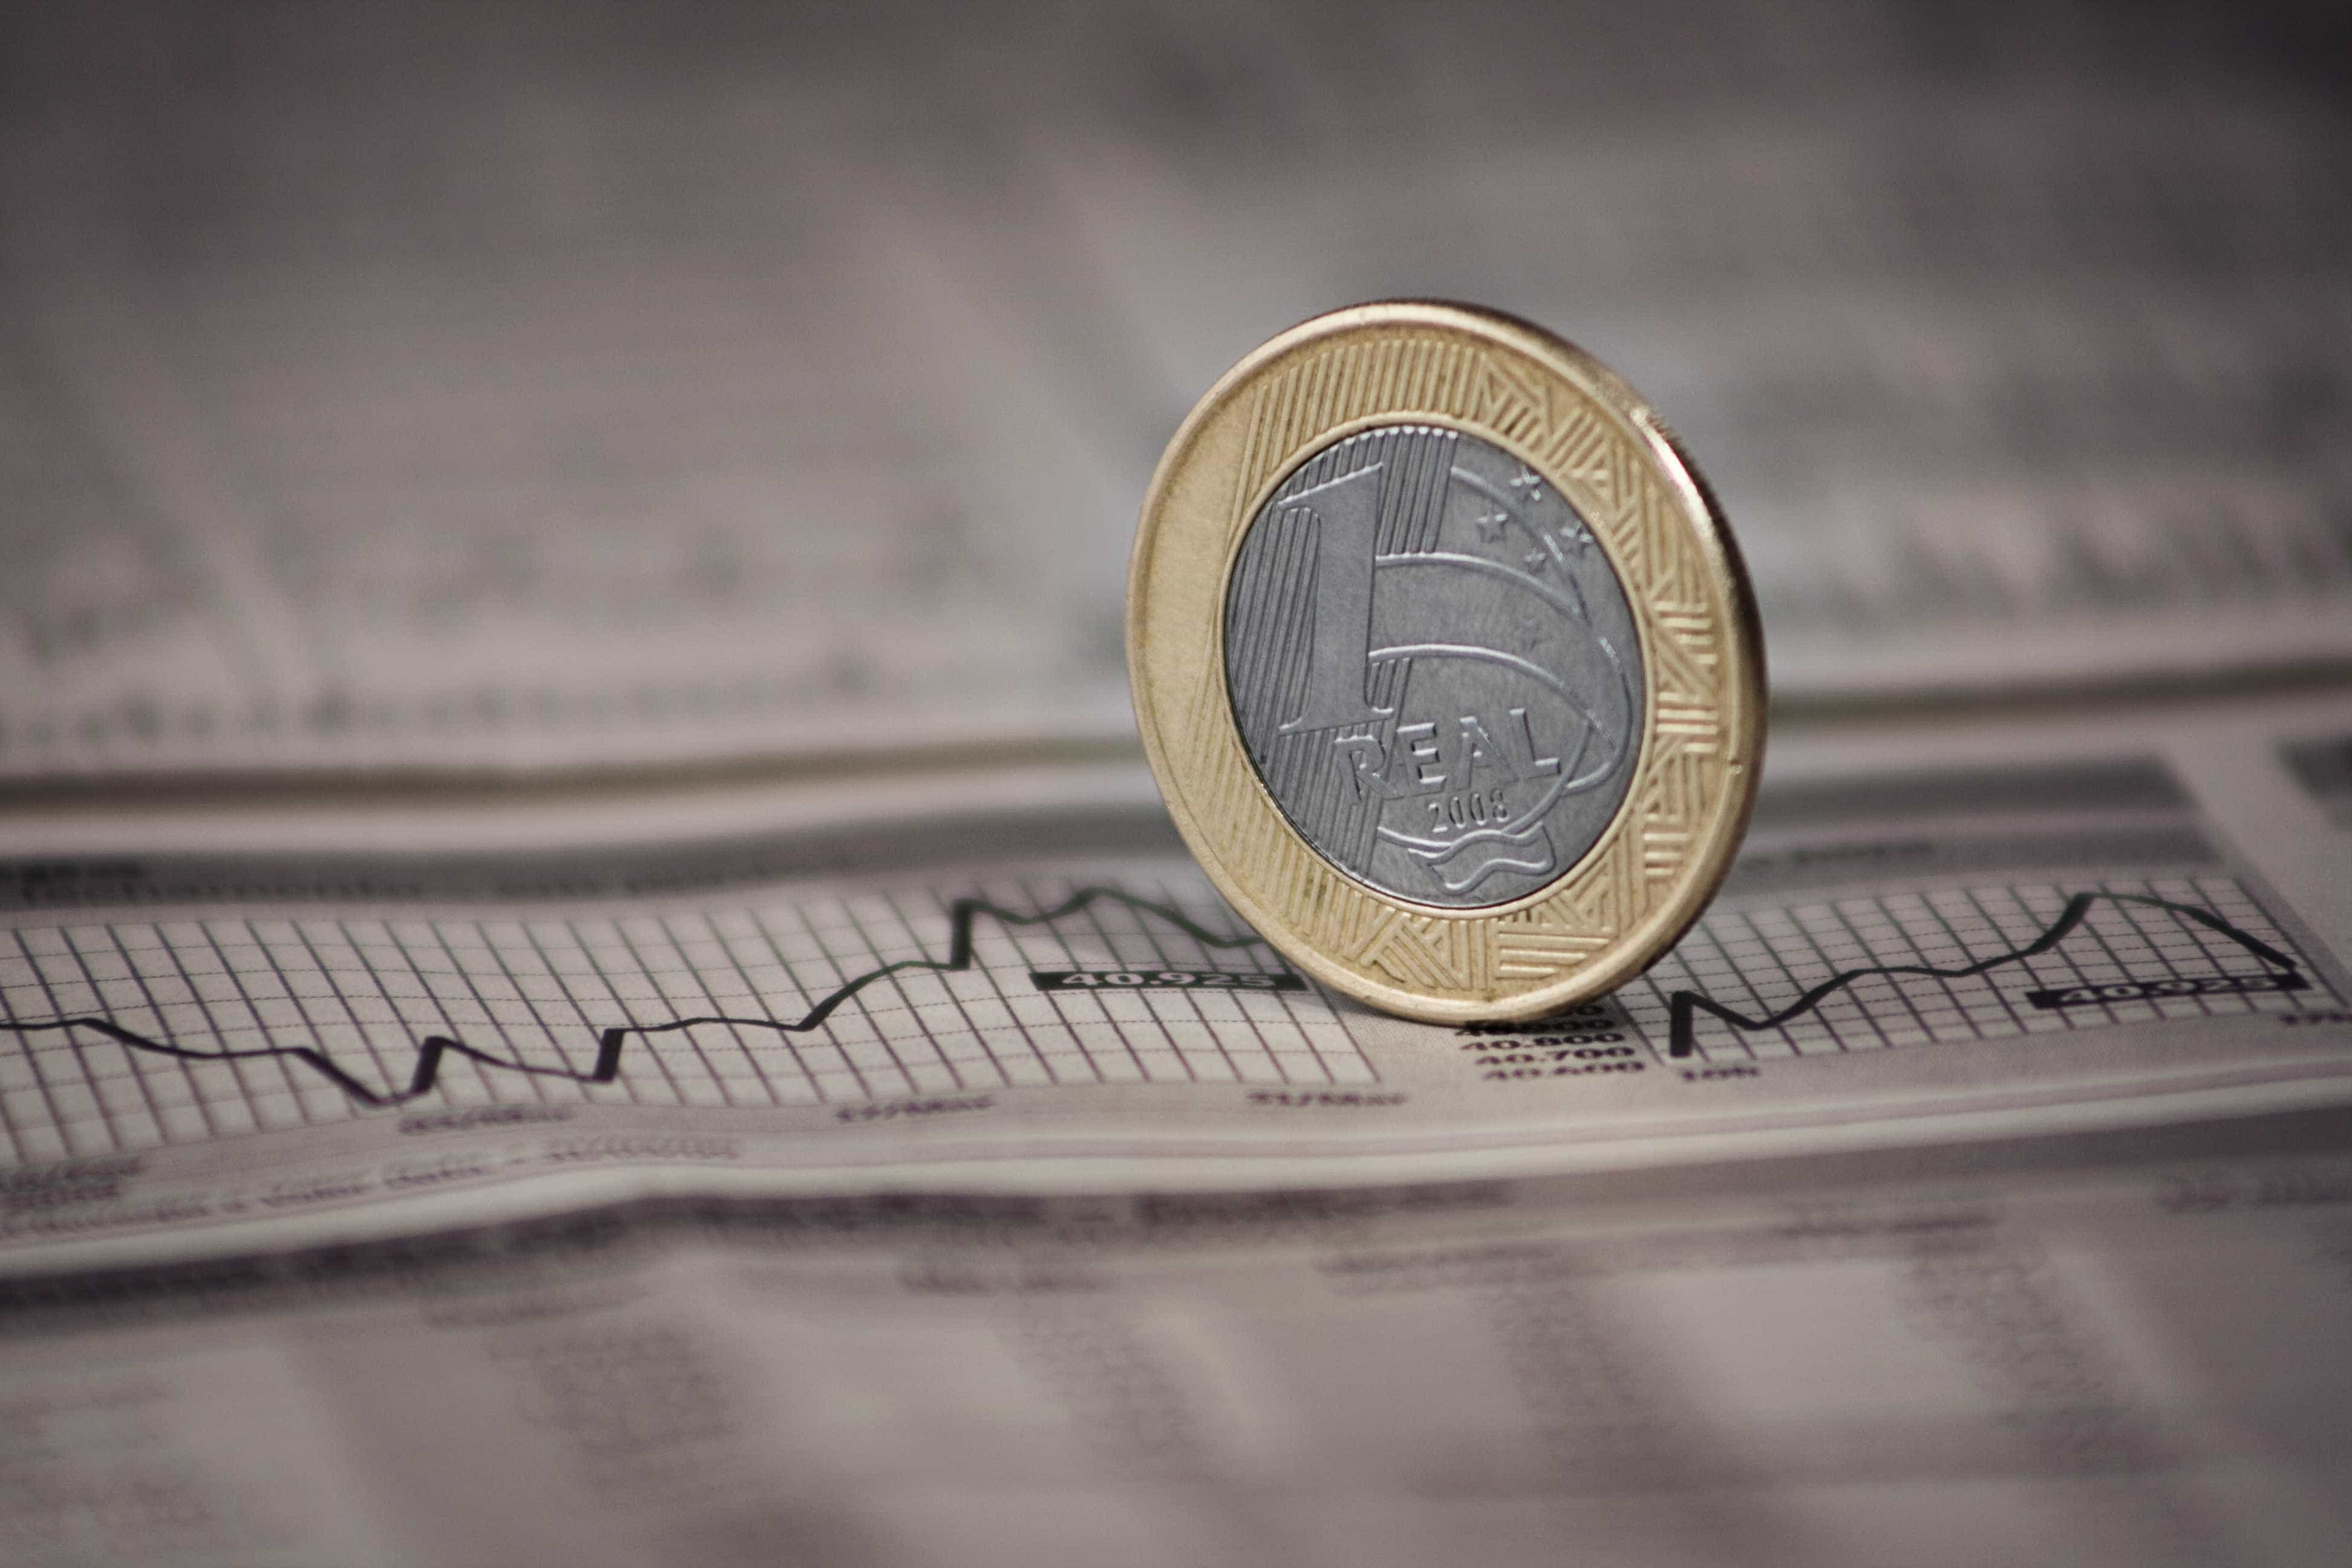 Orçamento de 2019 prevê redução de R$ 23 bilhões nos subsídios